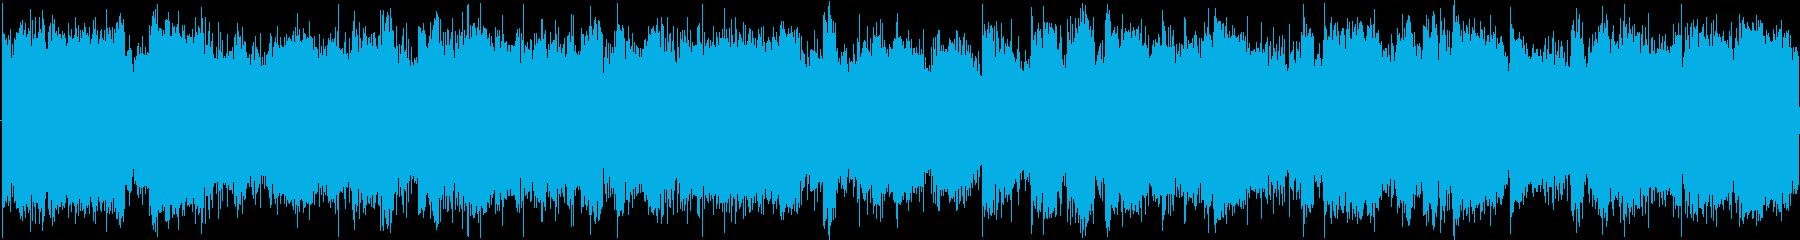 イメージ エクストリームエラティッ...の再生済みの波形